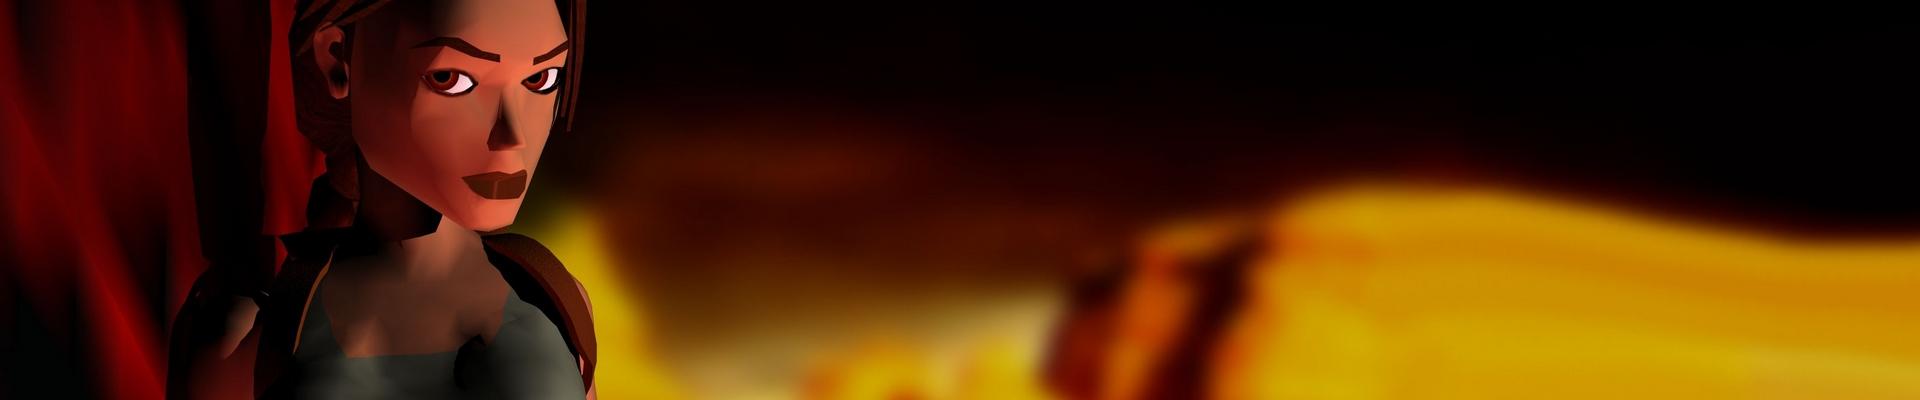 Image de l'article Lara Croft : Joyeux Anniversaire ! (+ DLC Surprise)